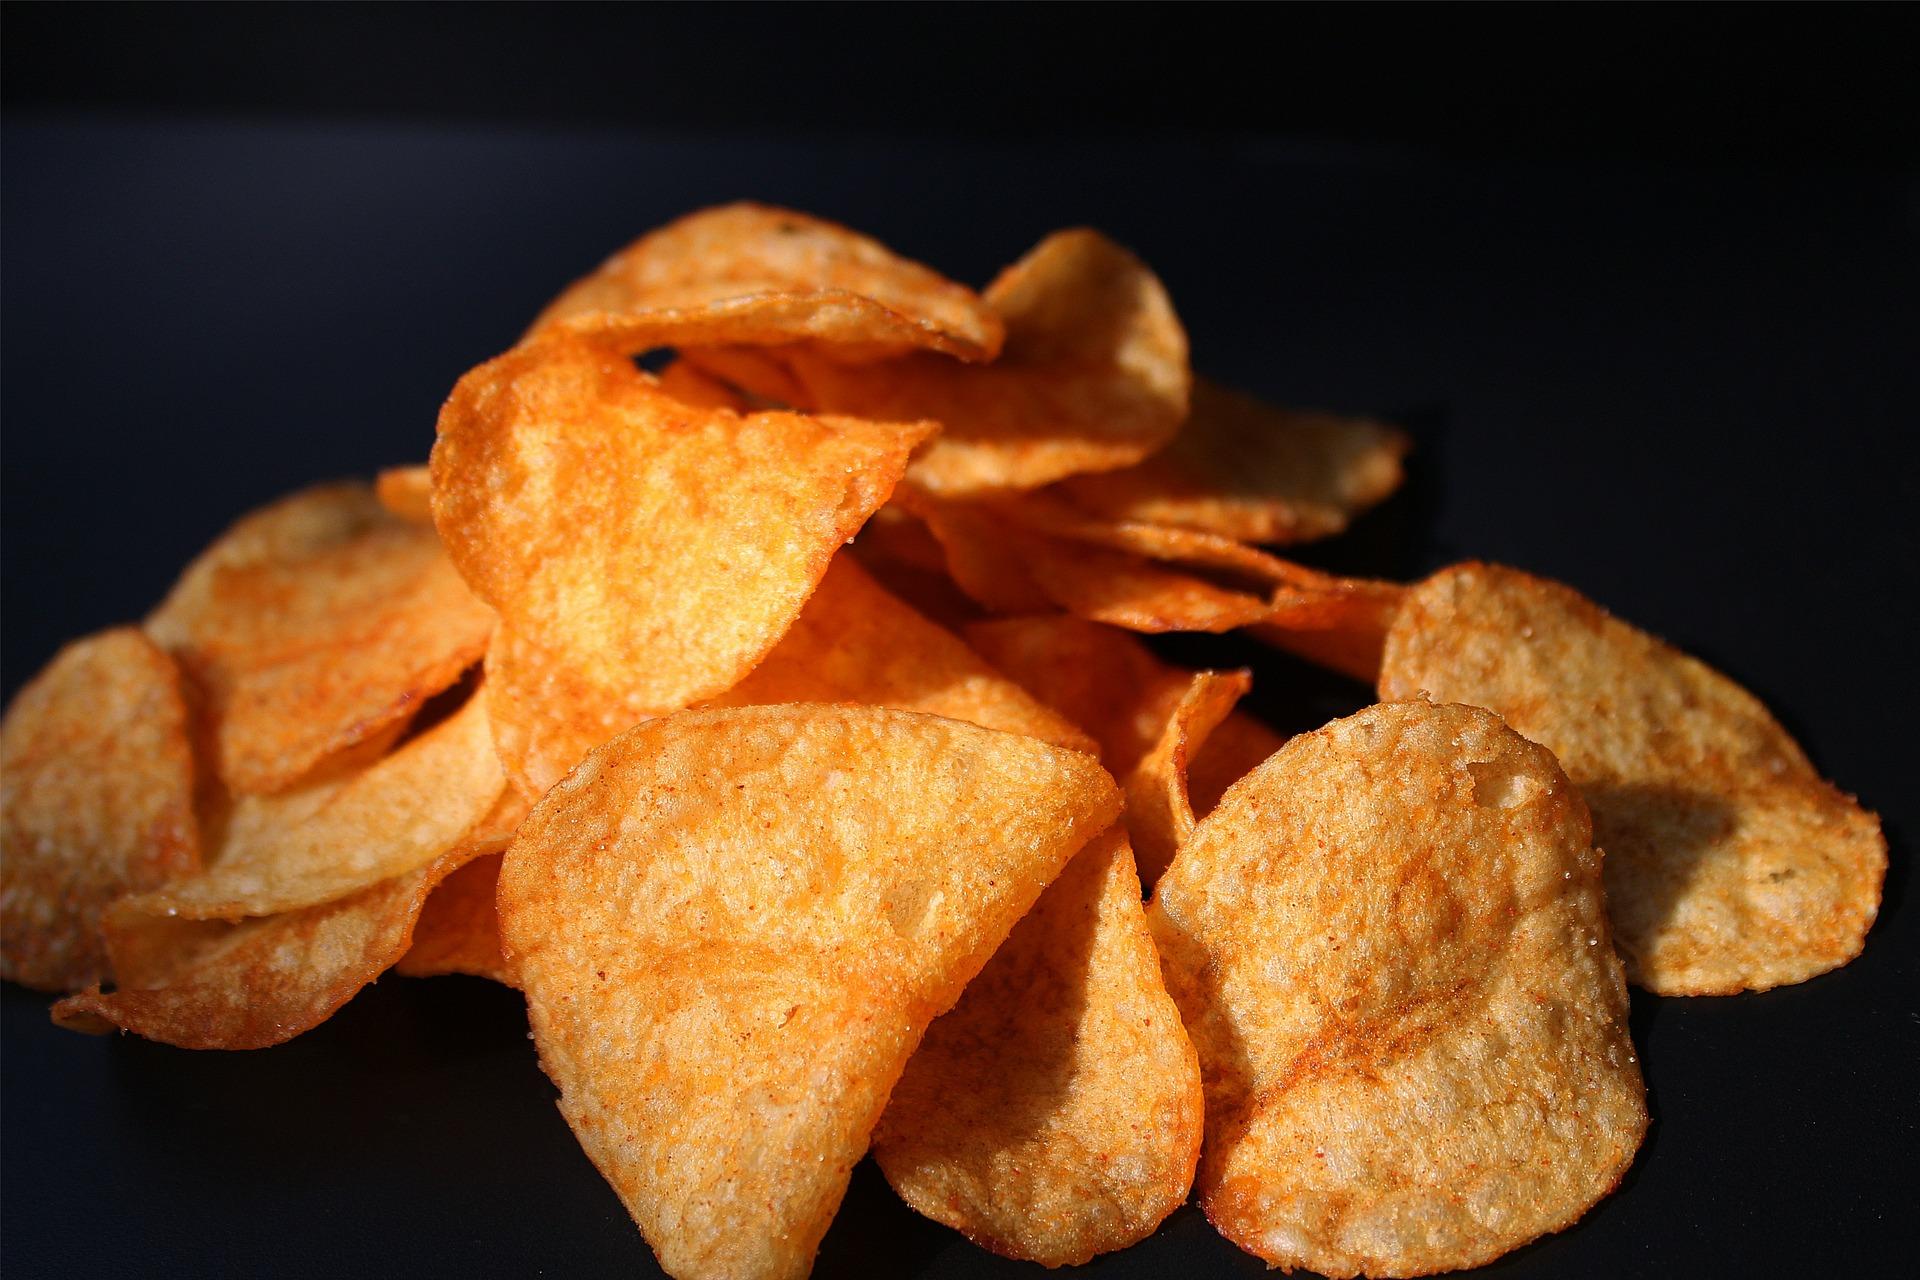 Co přesně nejíst před popíjením? www.pixabay.com